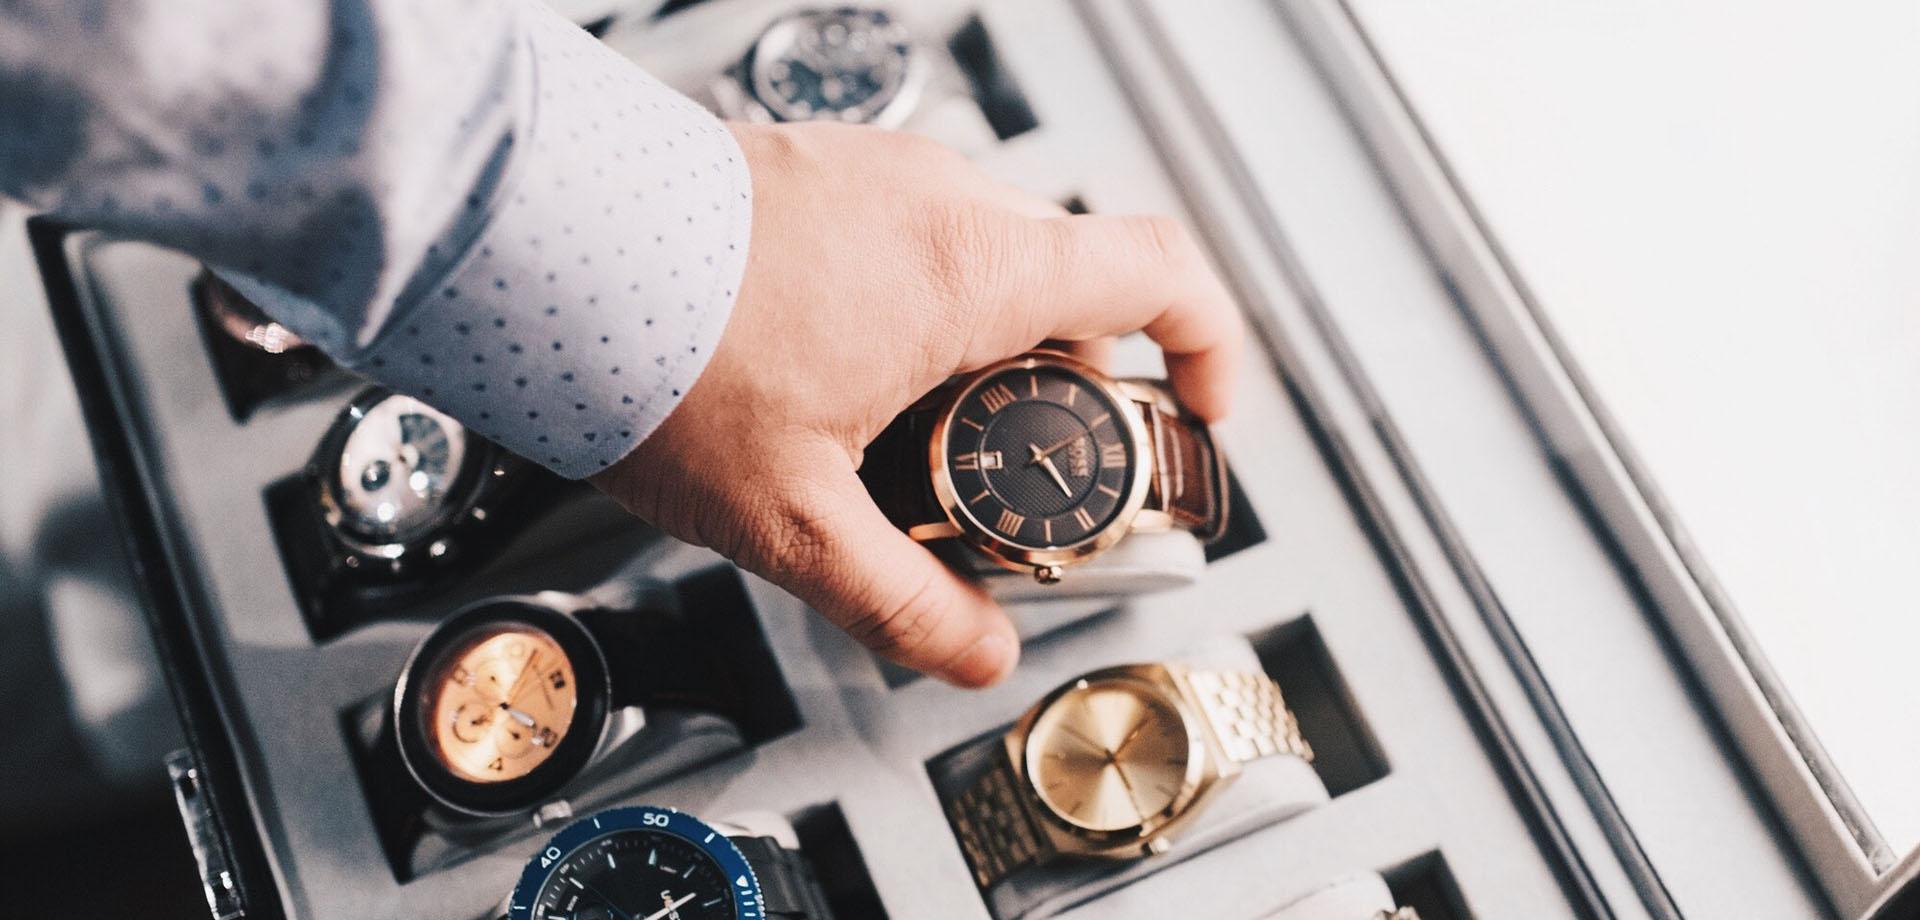 Welches ist die richtige Uhr für den Mann?